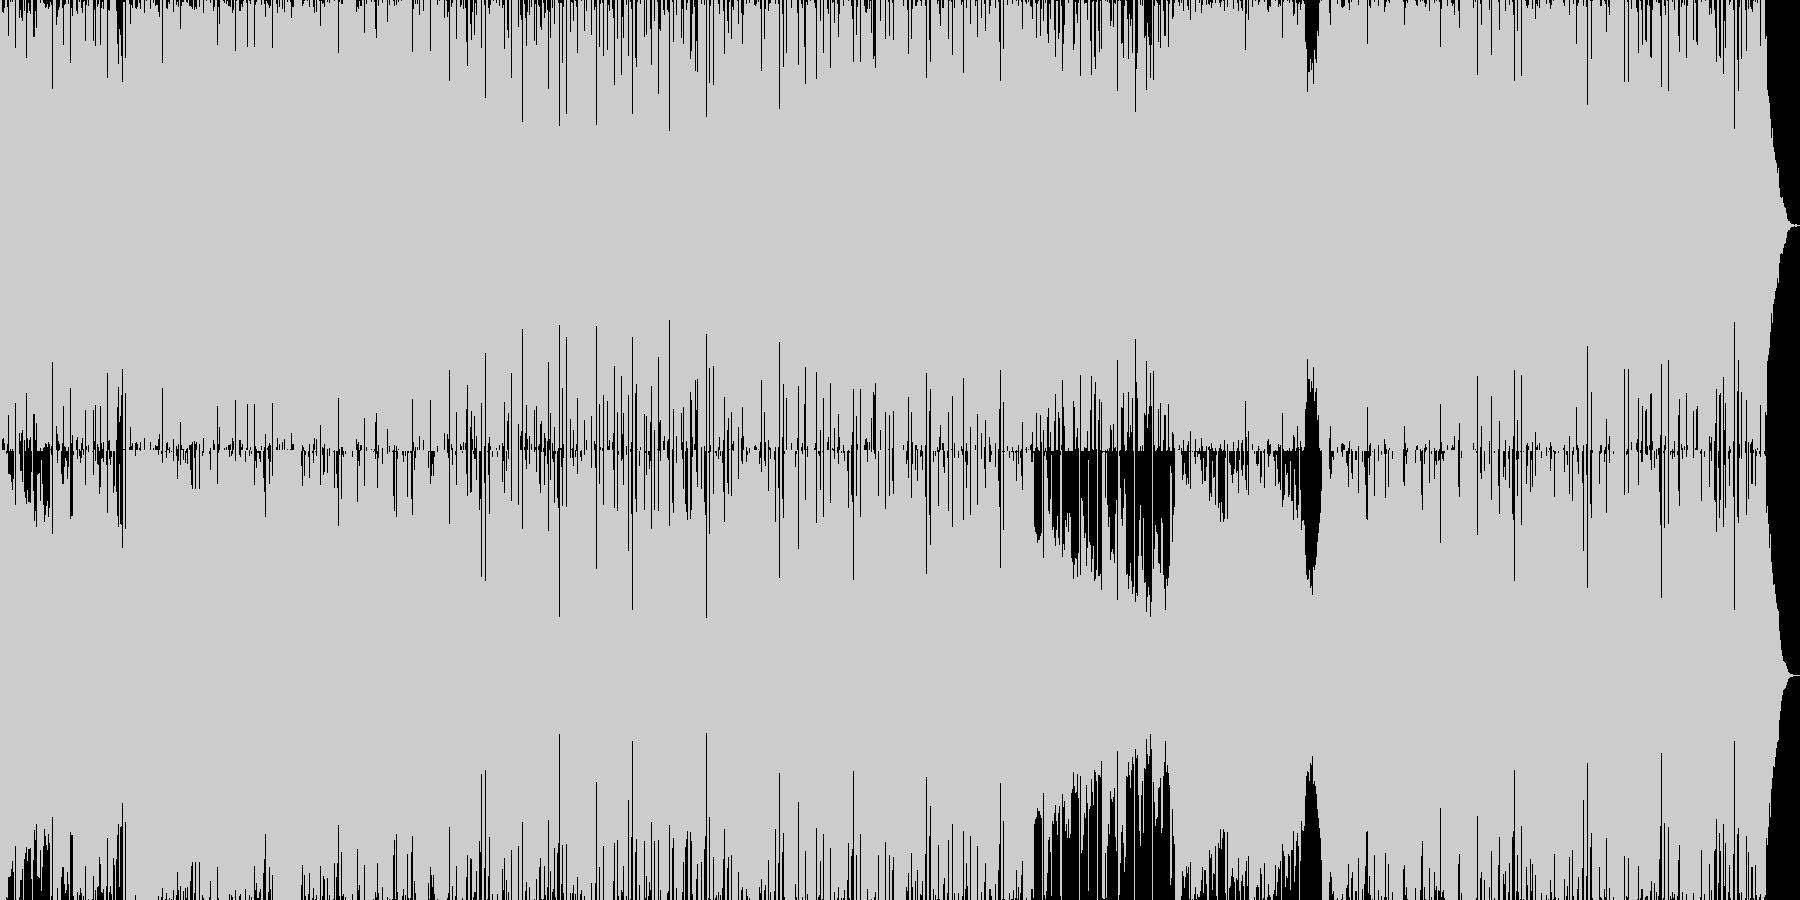 ノスタルジックダンスミュージックの未再生の波形